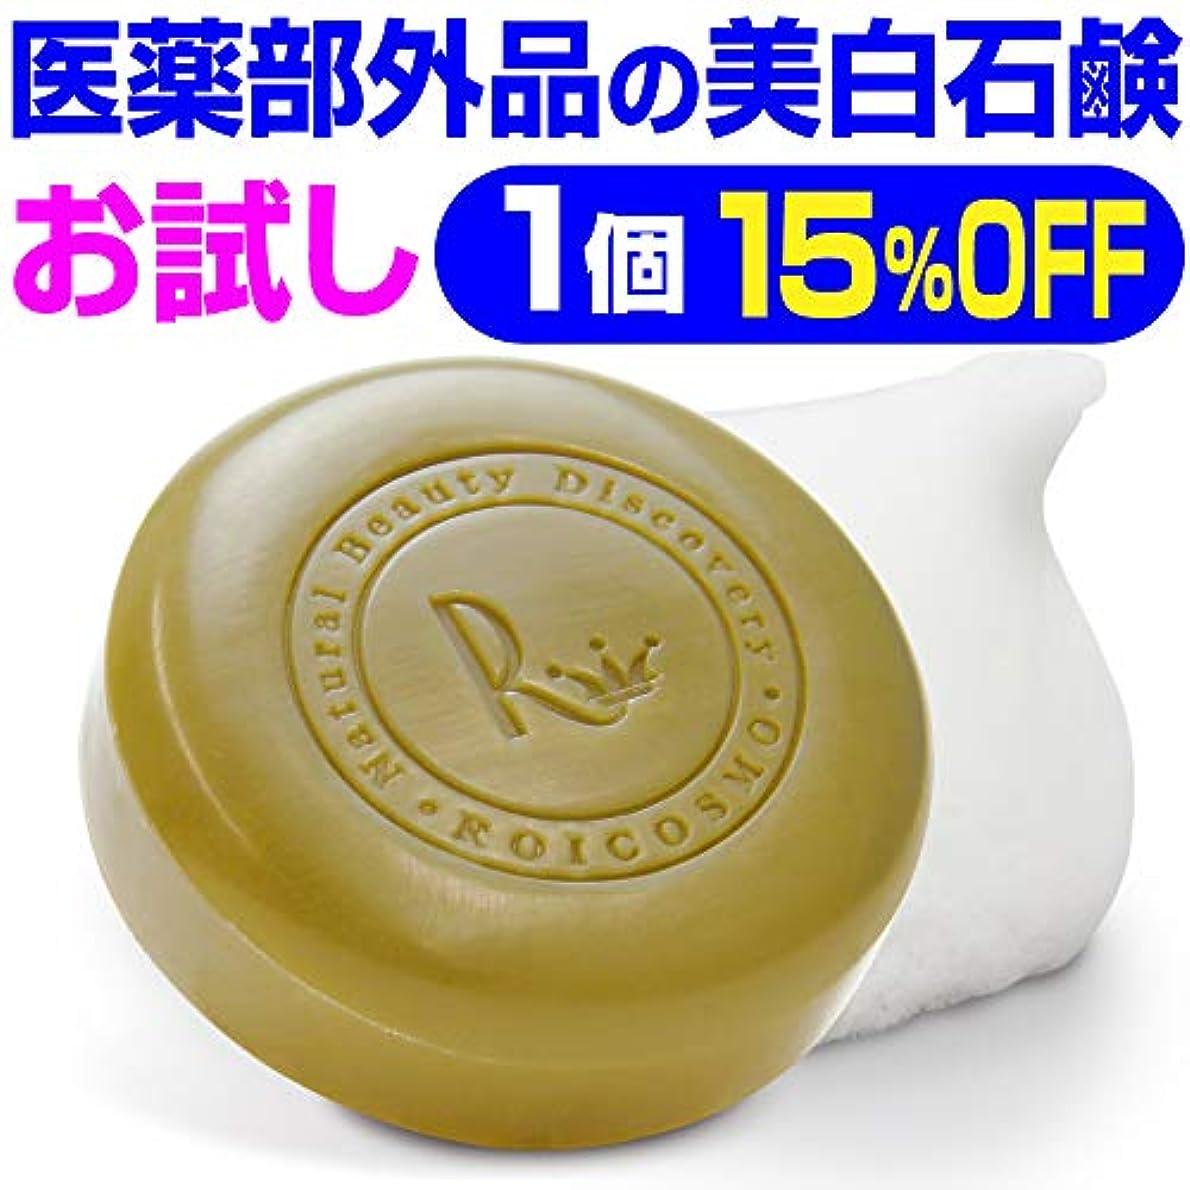 付き添い人エキスパートモールお試し15%OFF ビタミンC270倍の美白成分配合の 洗顔石鹸 固形『ホワイトソープ100g×1個』(初回限定)